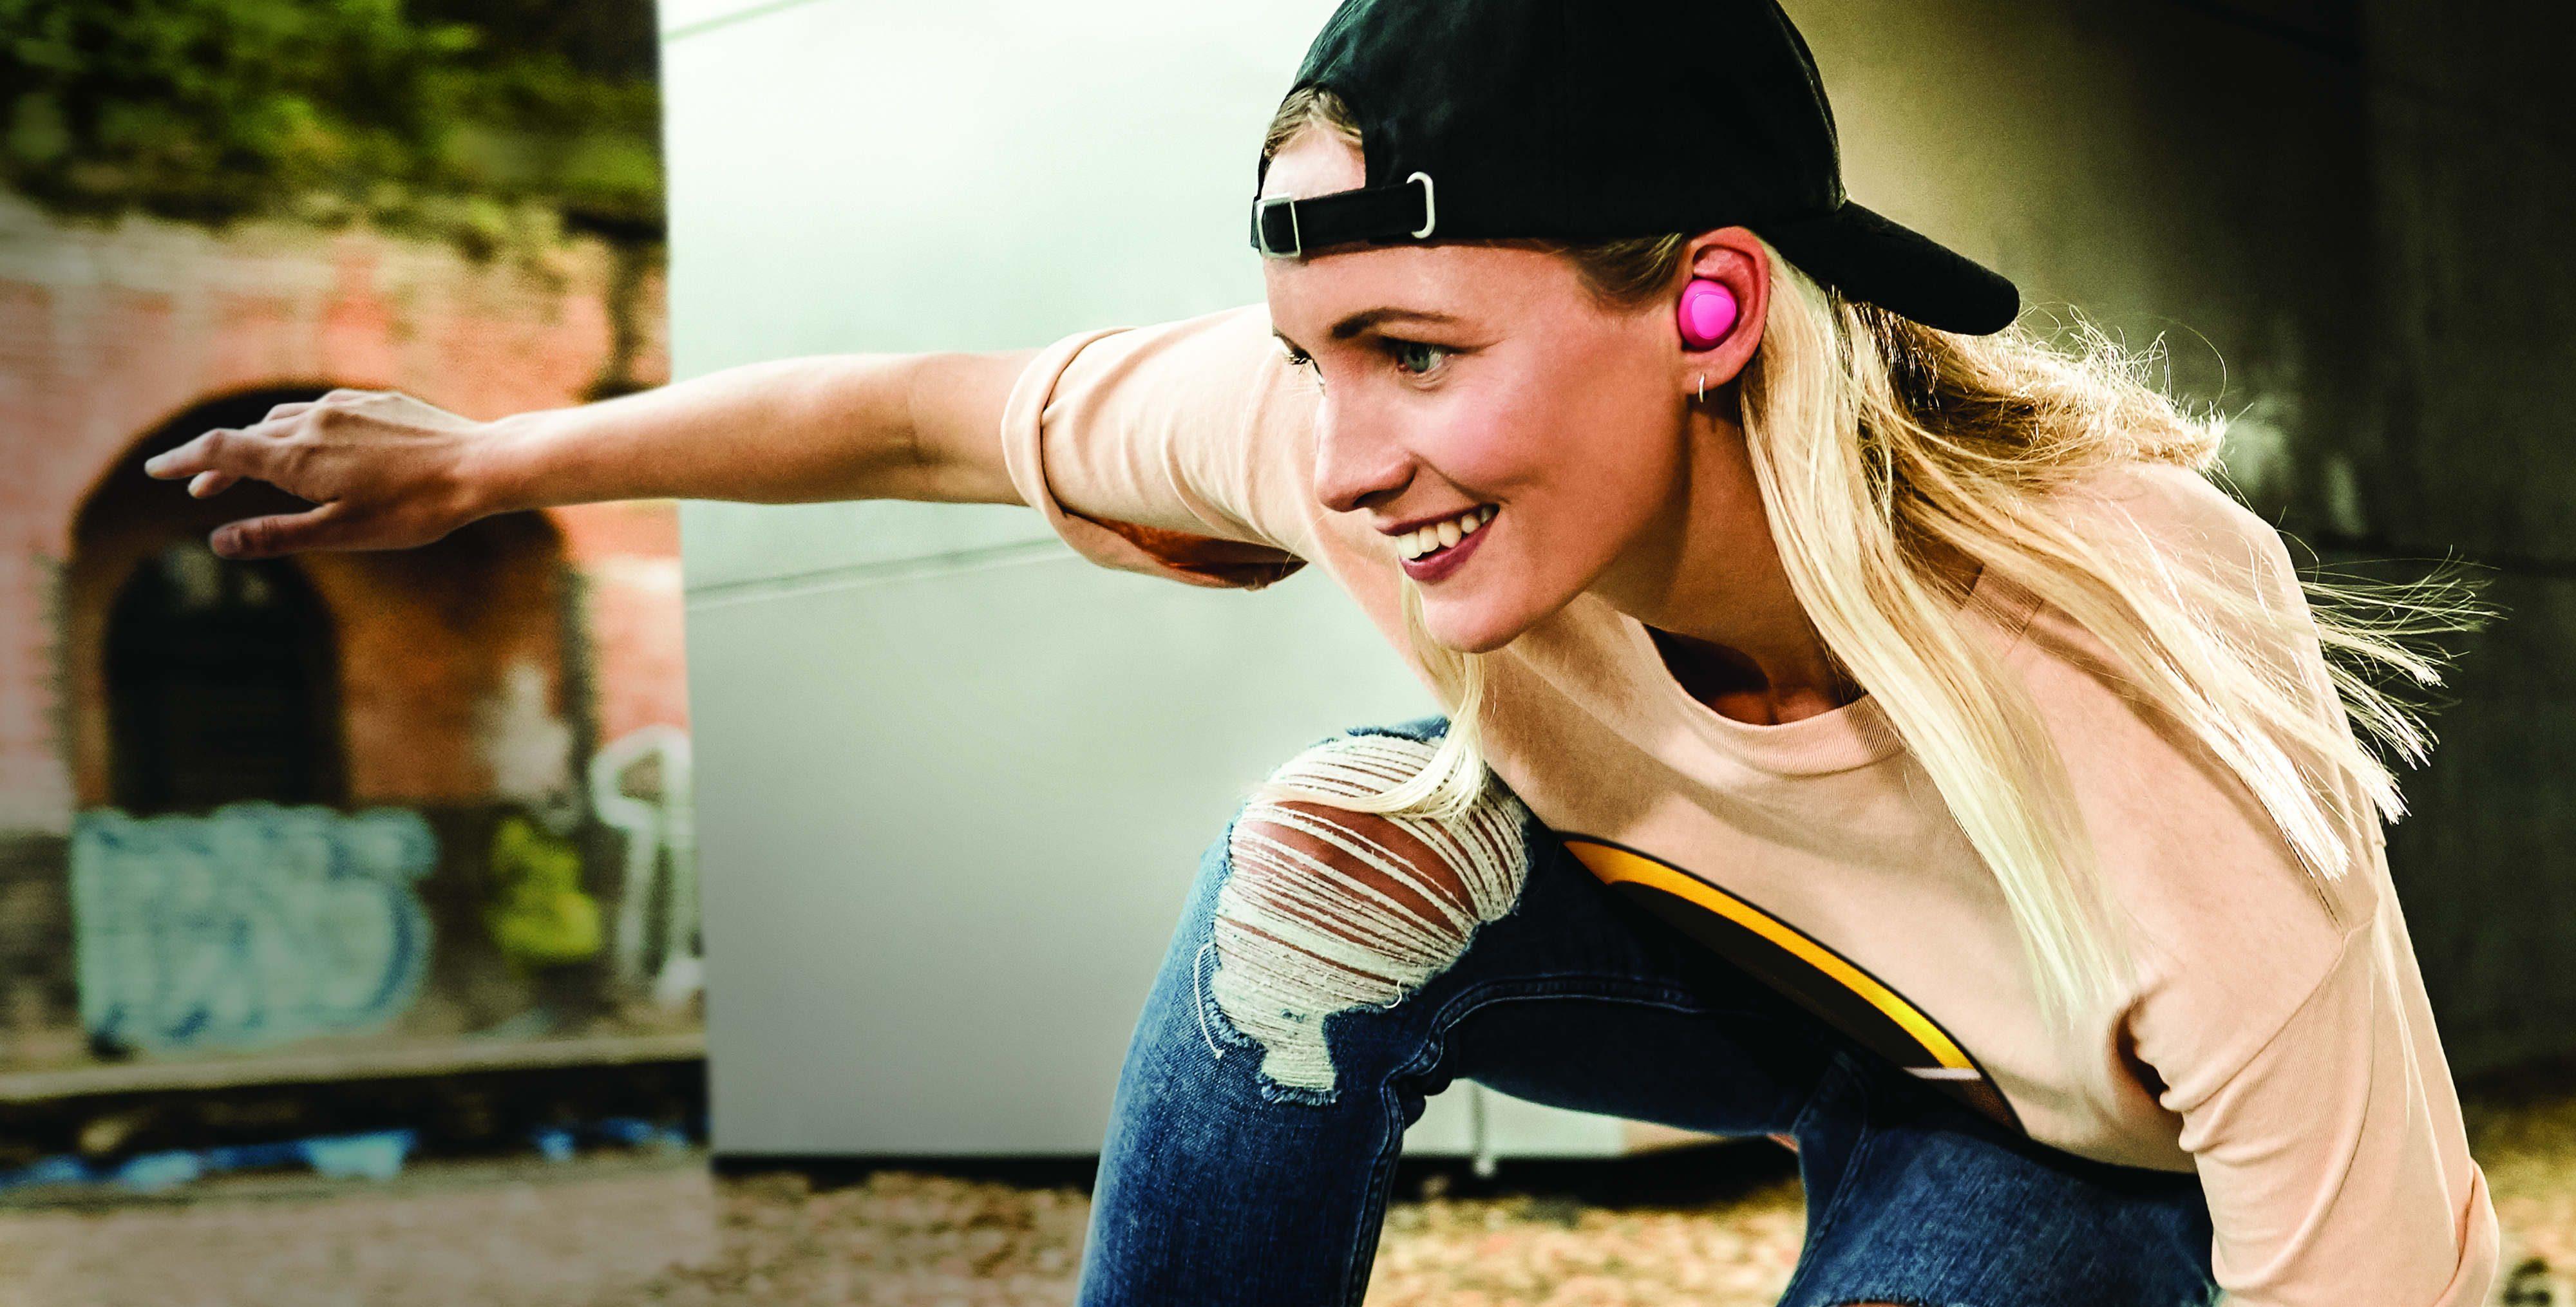 Lleva tu música a todas partes y sin cables con los audífonos Gear IconX